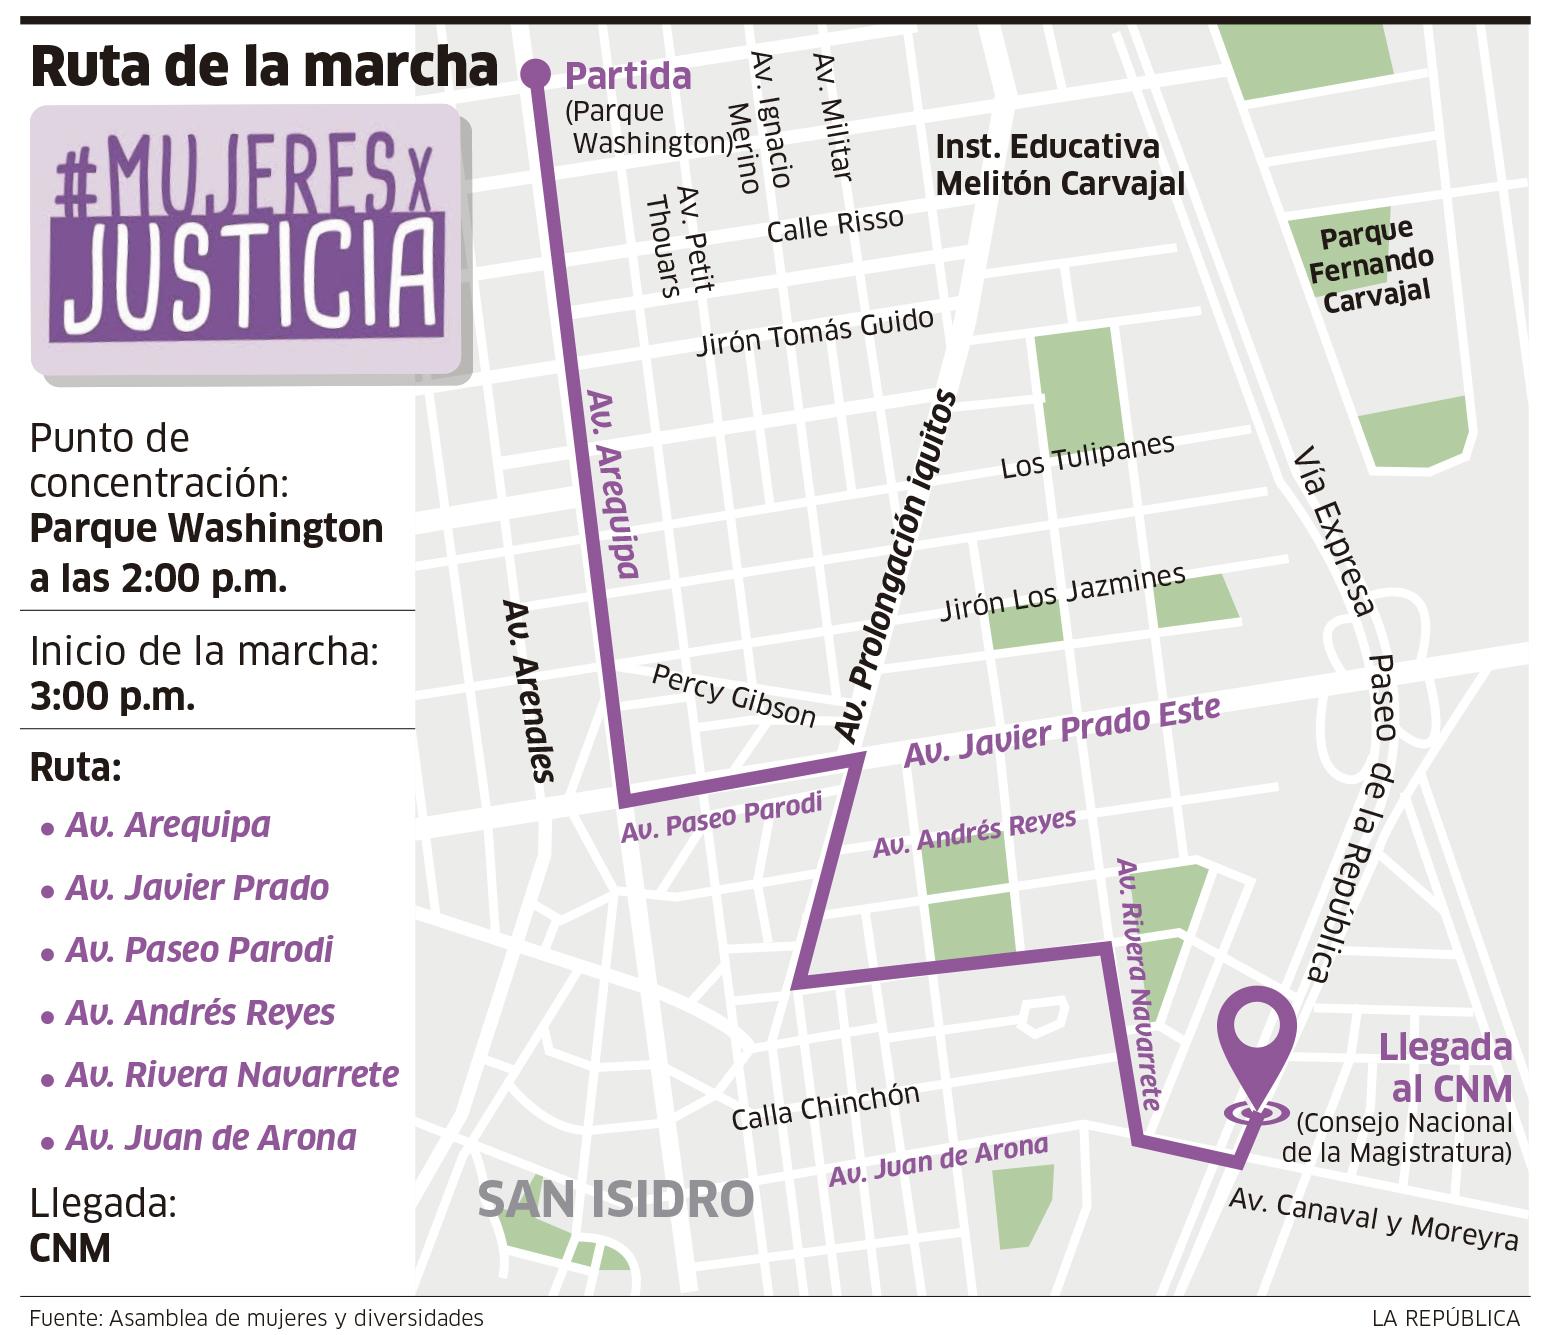 Ruta de la marcha #MujeresxJusticia